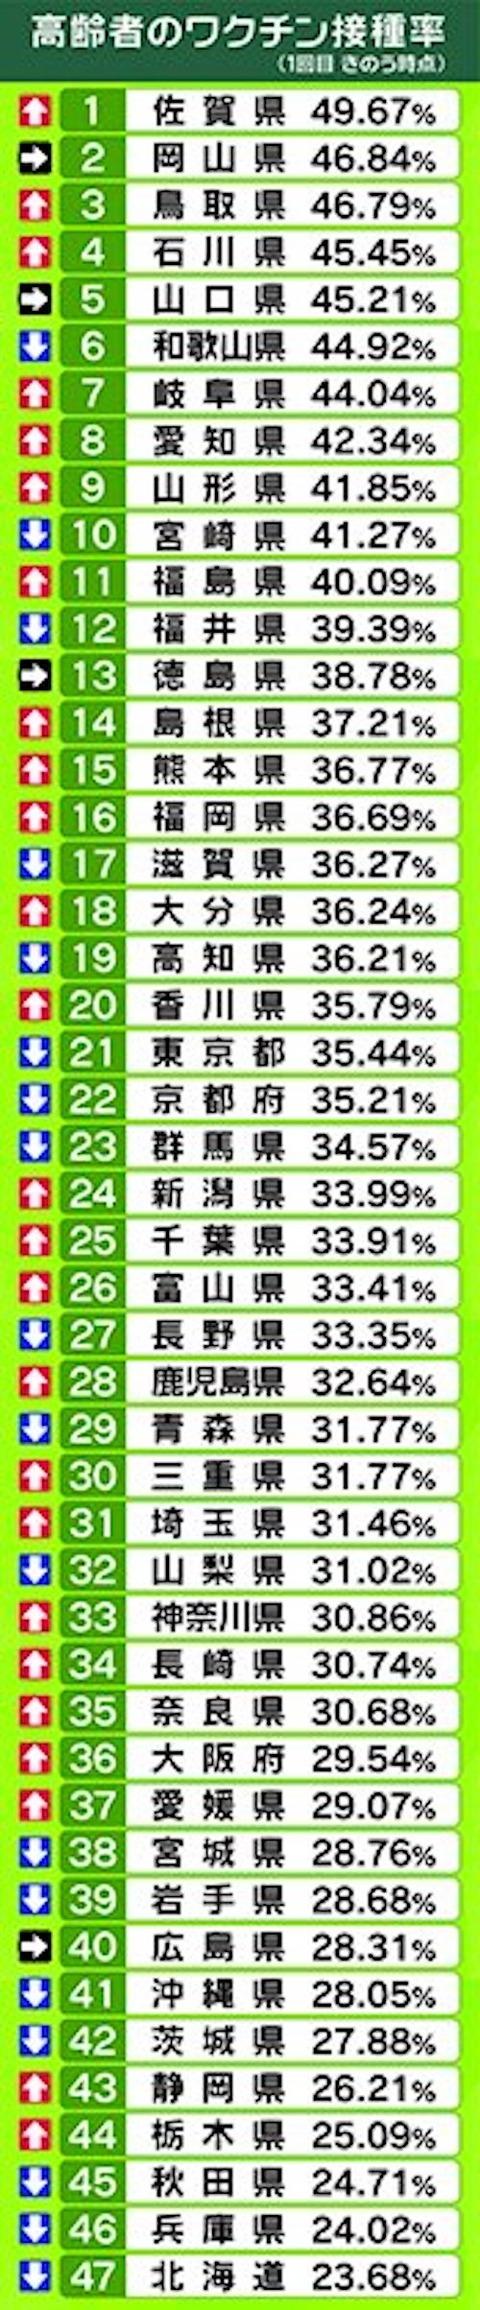 都道府県ワクチン ランキング